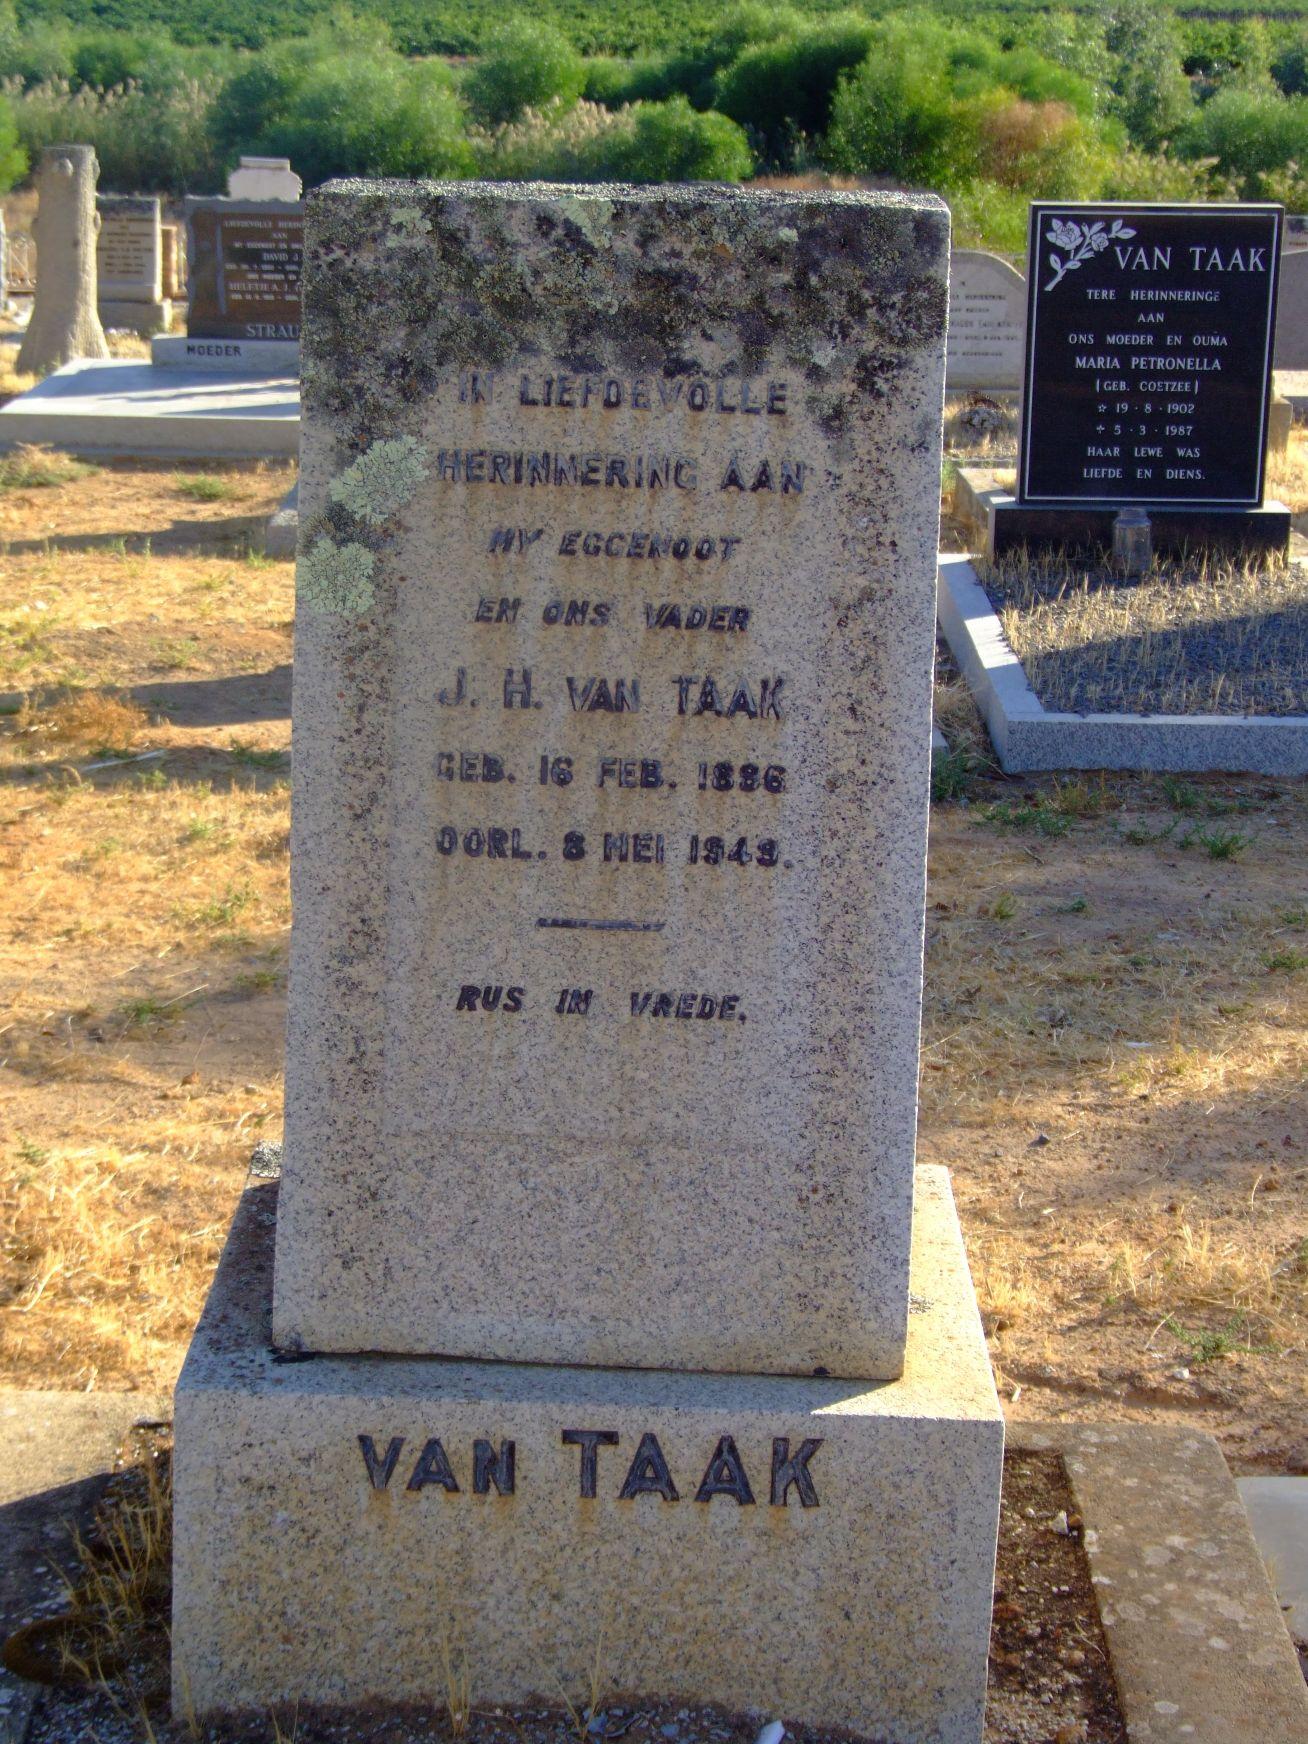 Van Taak, J. H.